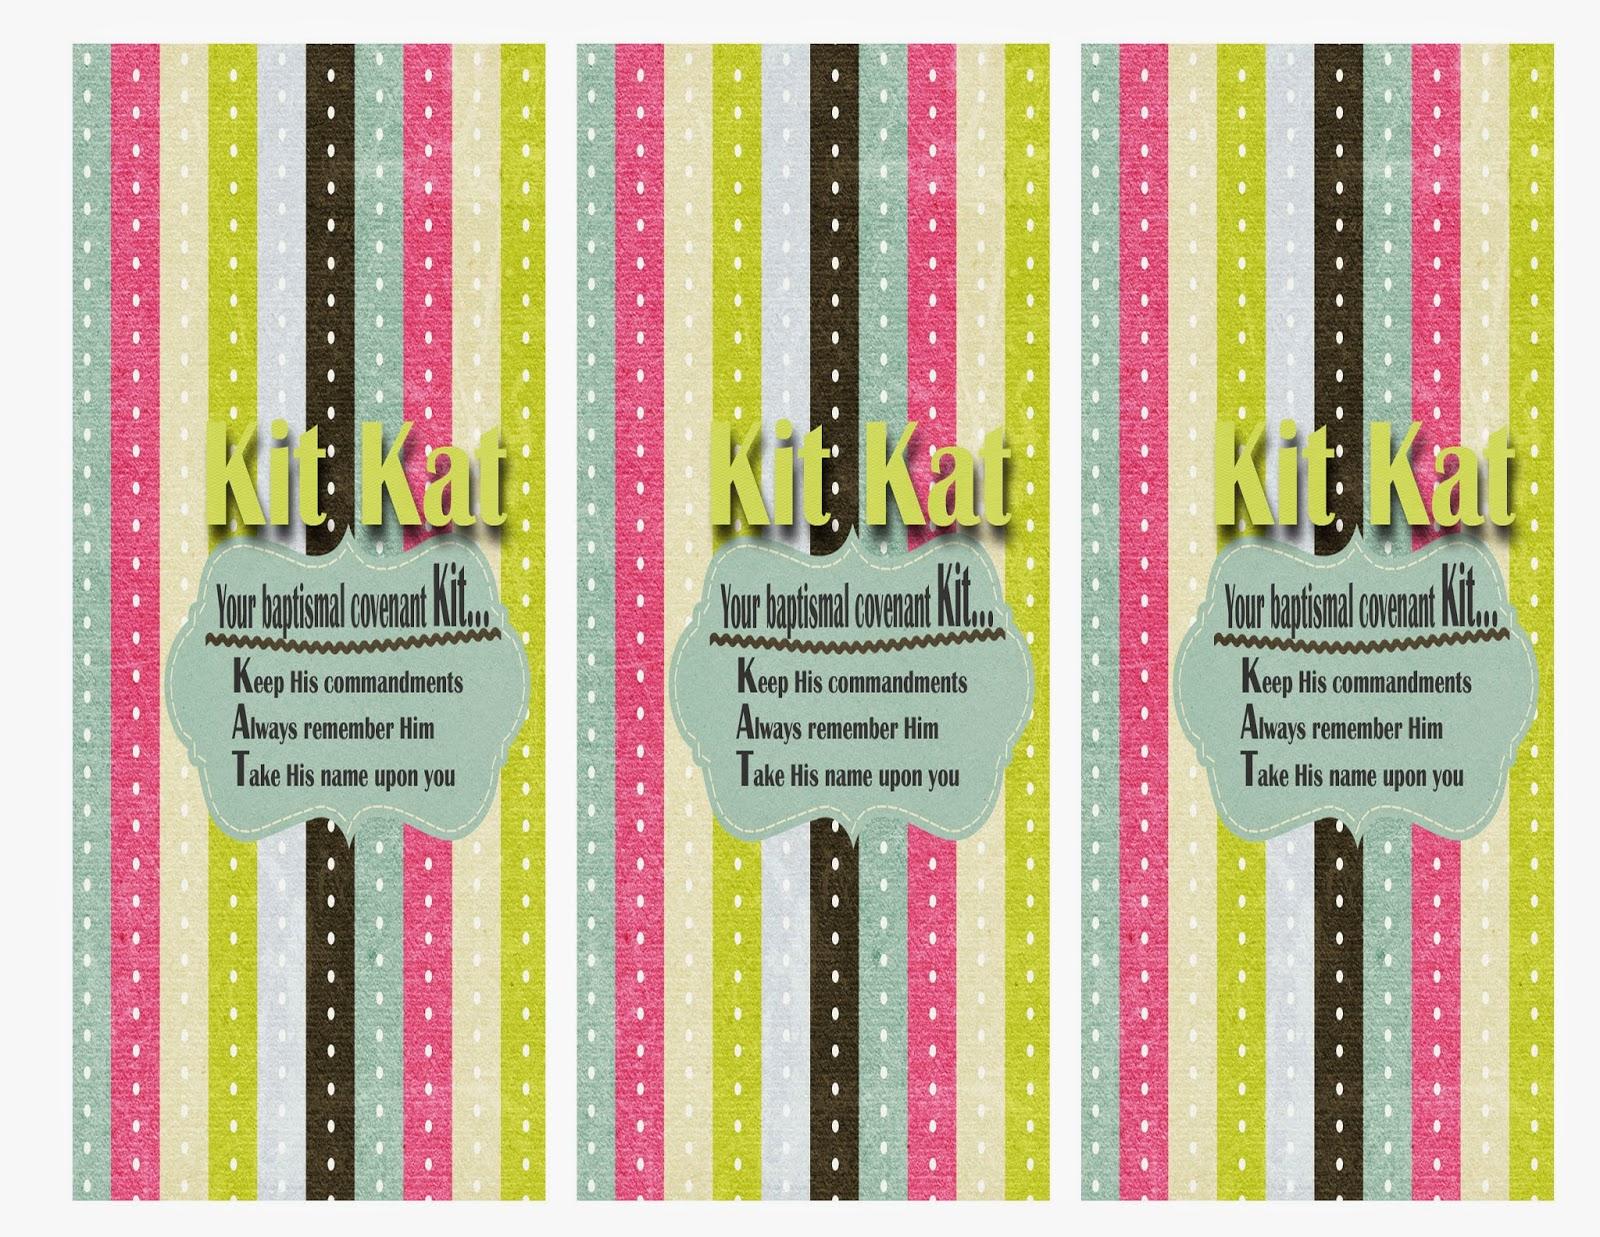 http://3.bp.blogspot.com/-VVN3Vp_E3kk/U6s4OP90HtI/AAAAAAAAJCQ/bM58C598k6s/s1600/Kit+Kat+wrapper+x3.jpg